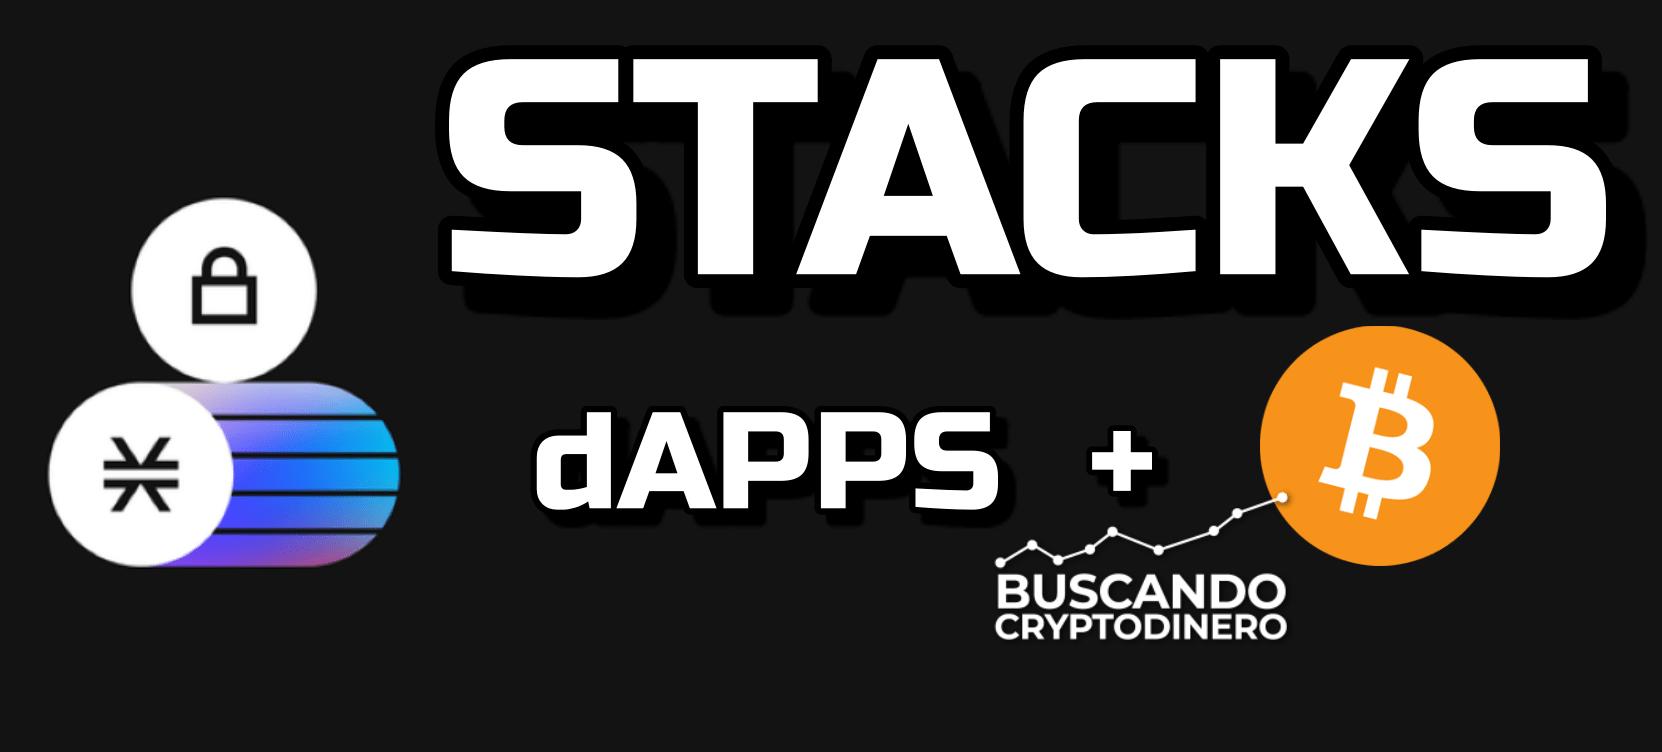 En este momento estás viendo STACKS «STX» dAPPS en BTC!! 🔥 ☞Predicción de PRECIOS 🤑 2021 2026 ☜    Me CONVIENE invertir 💰??